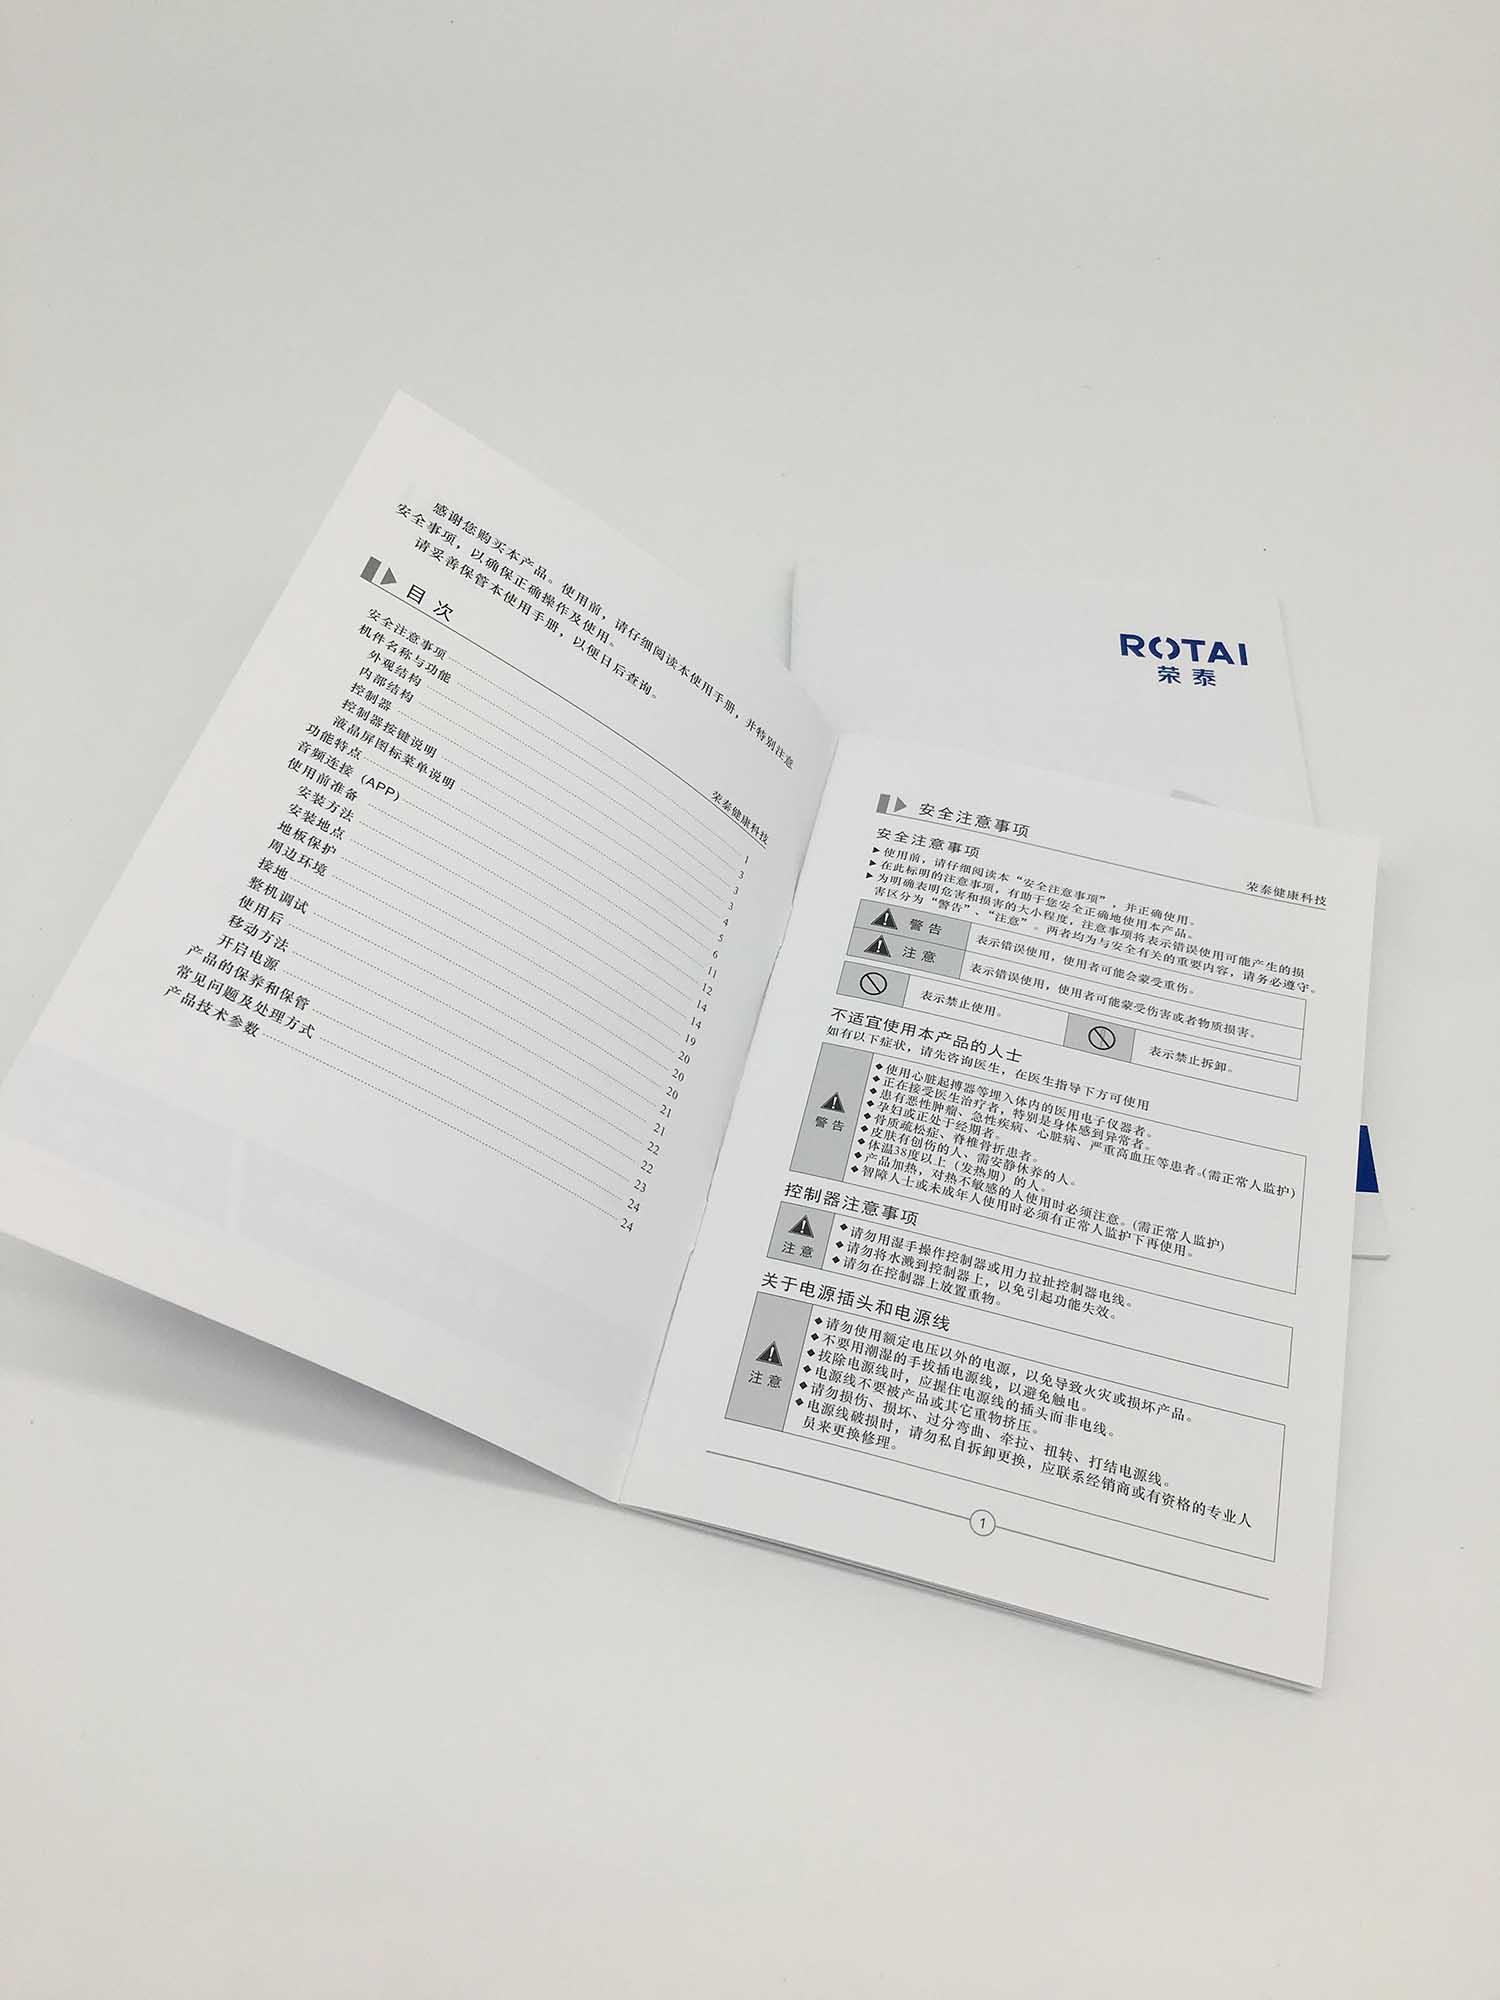 策勒产品画册设计印刷公司